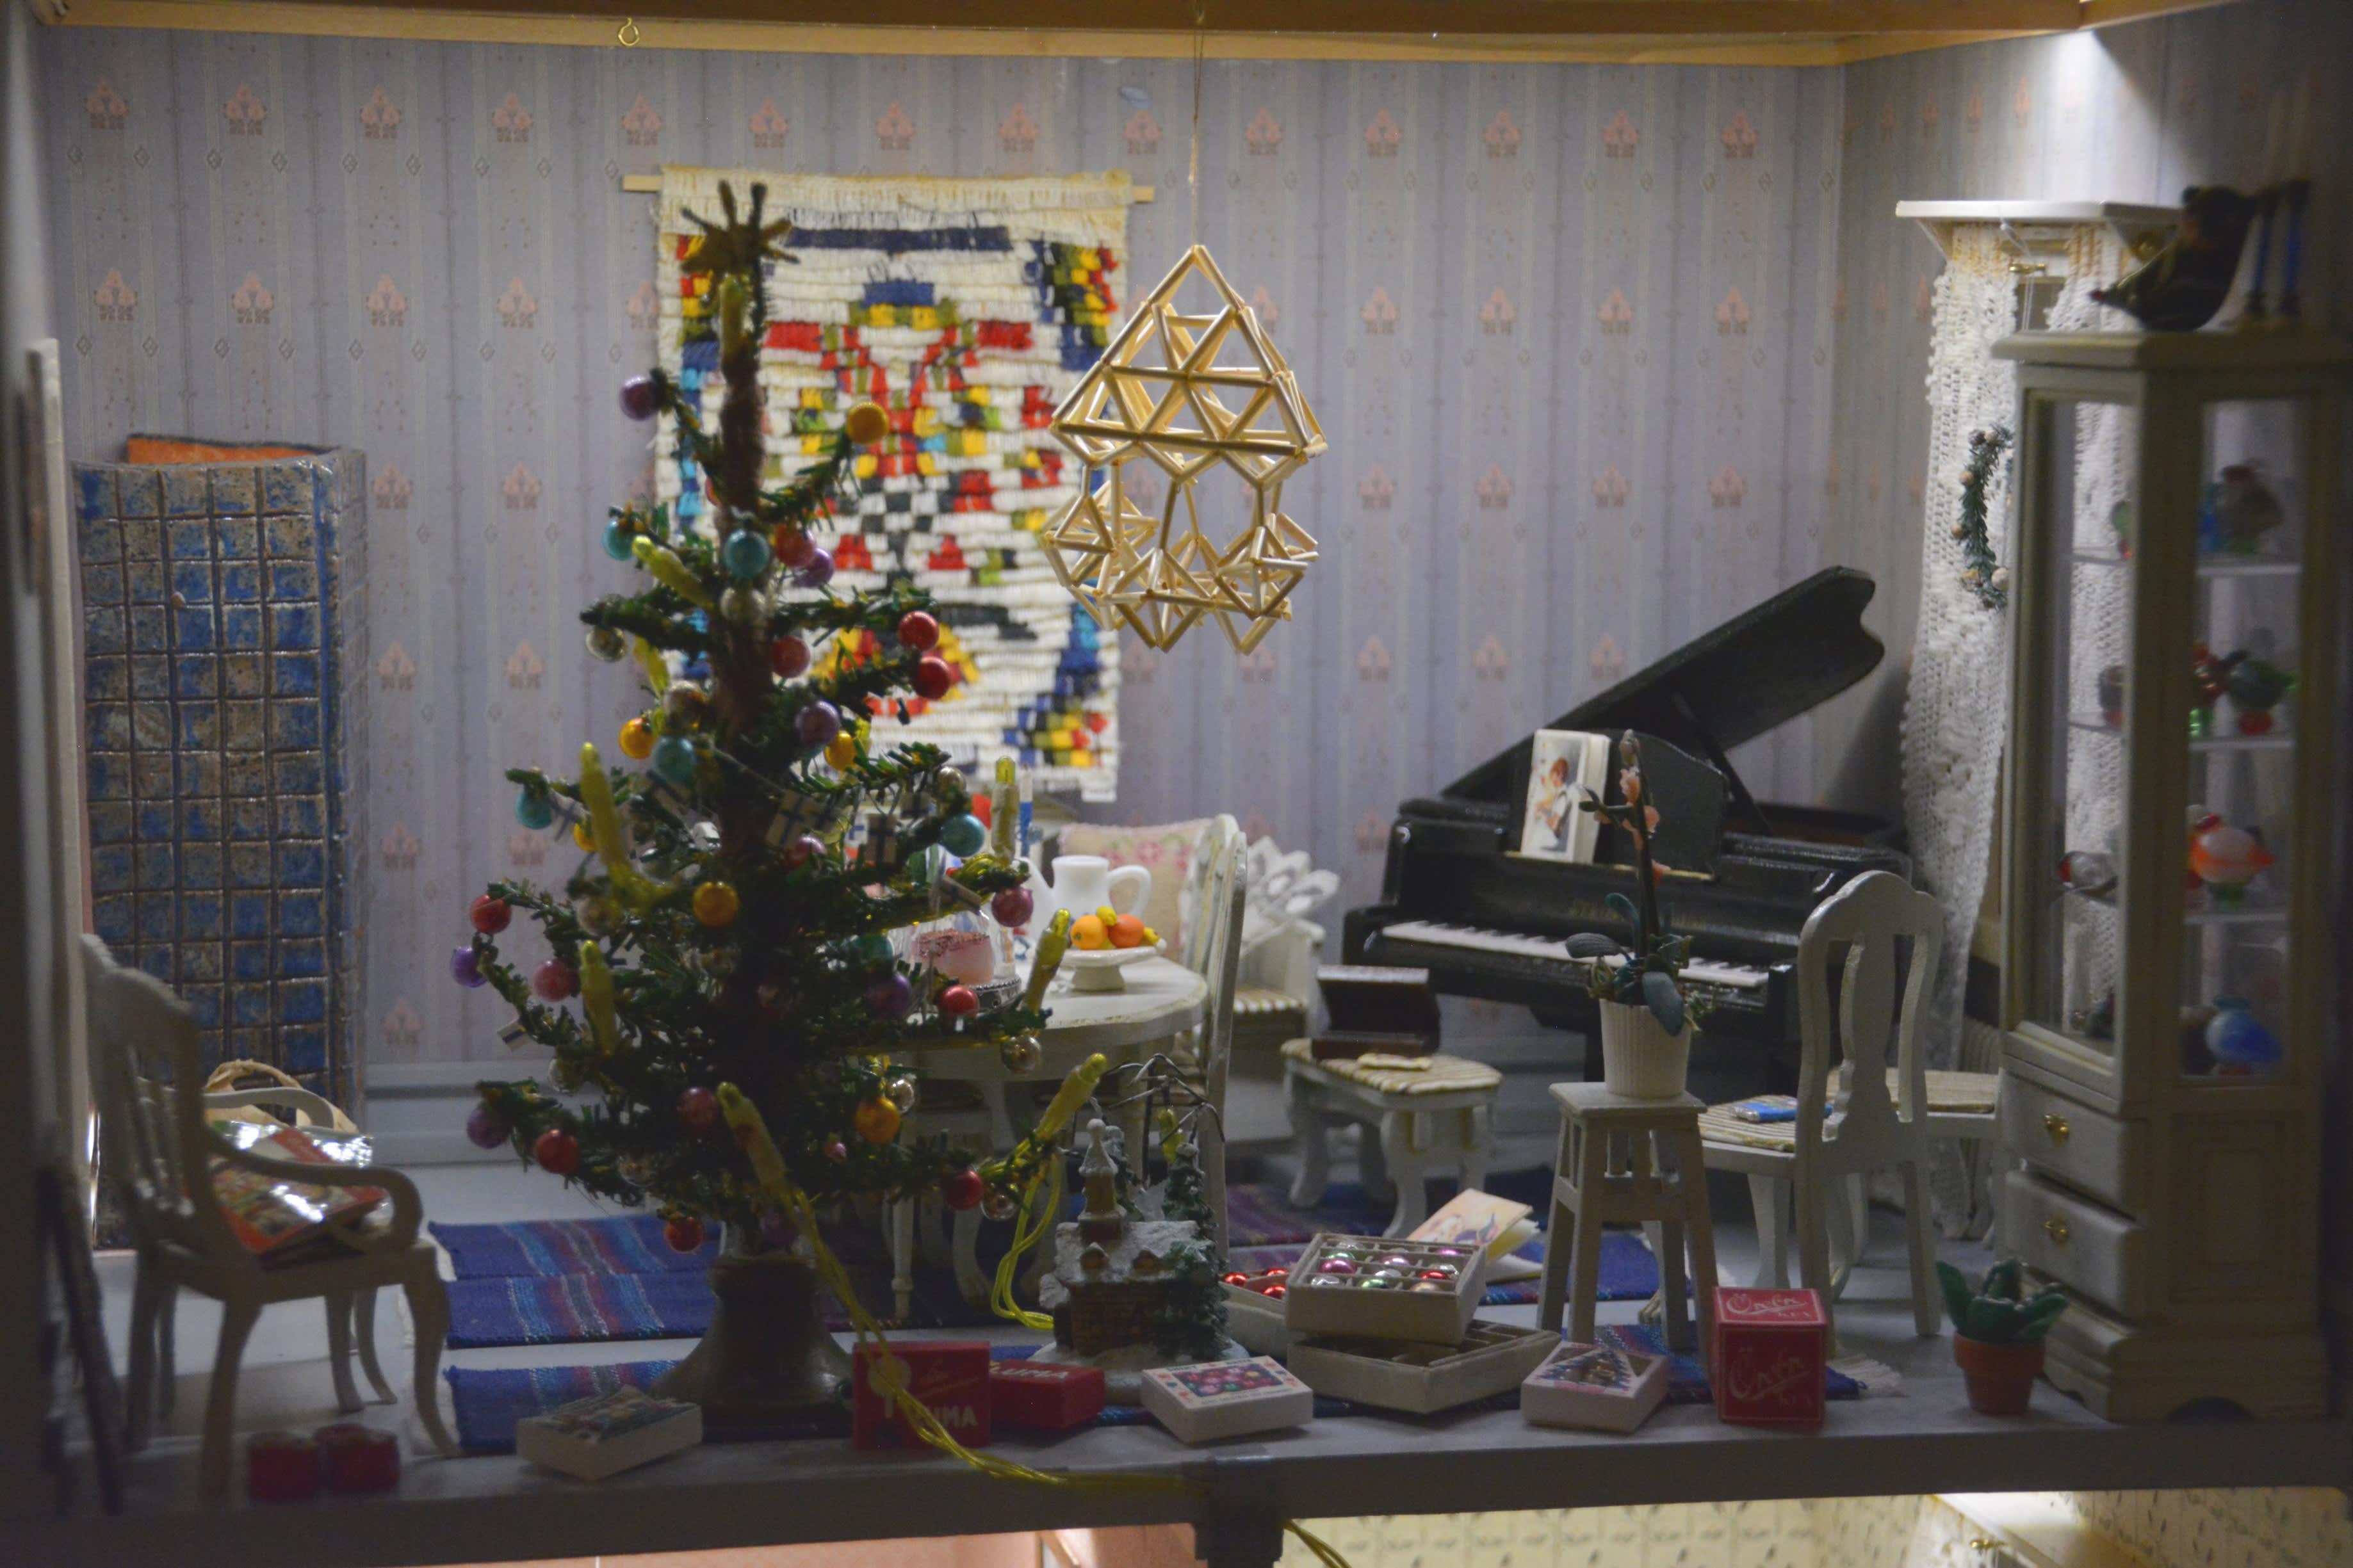 Joulukuusella ja koristeilla sisustettu nukkekodin huone